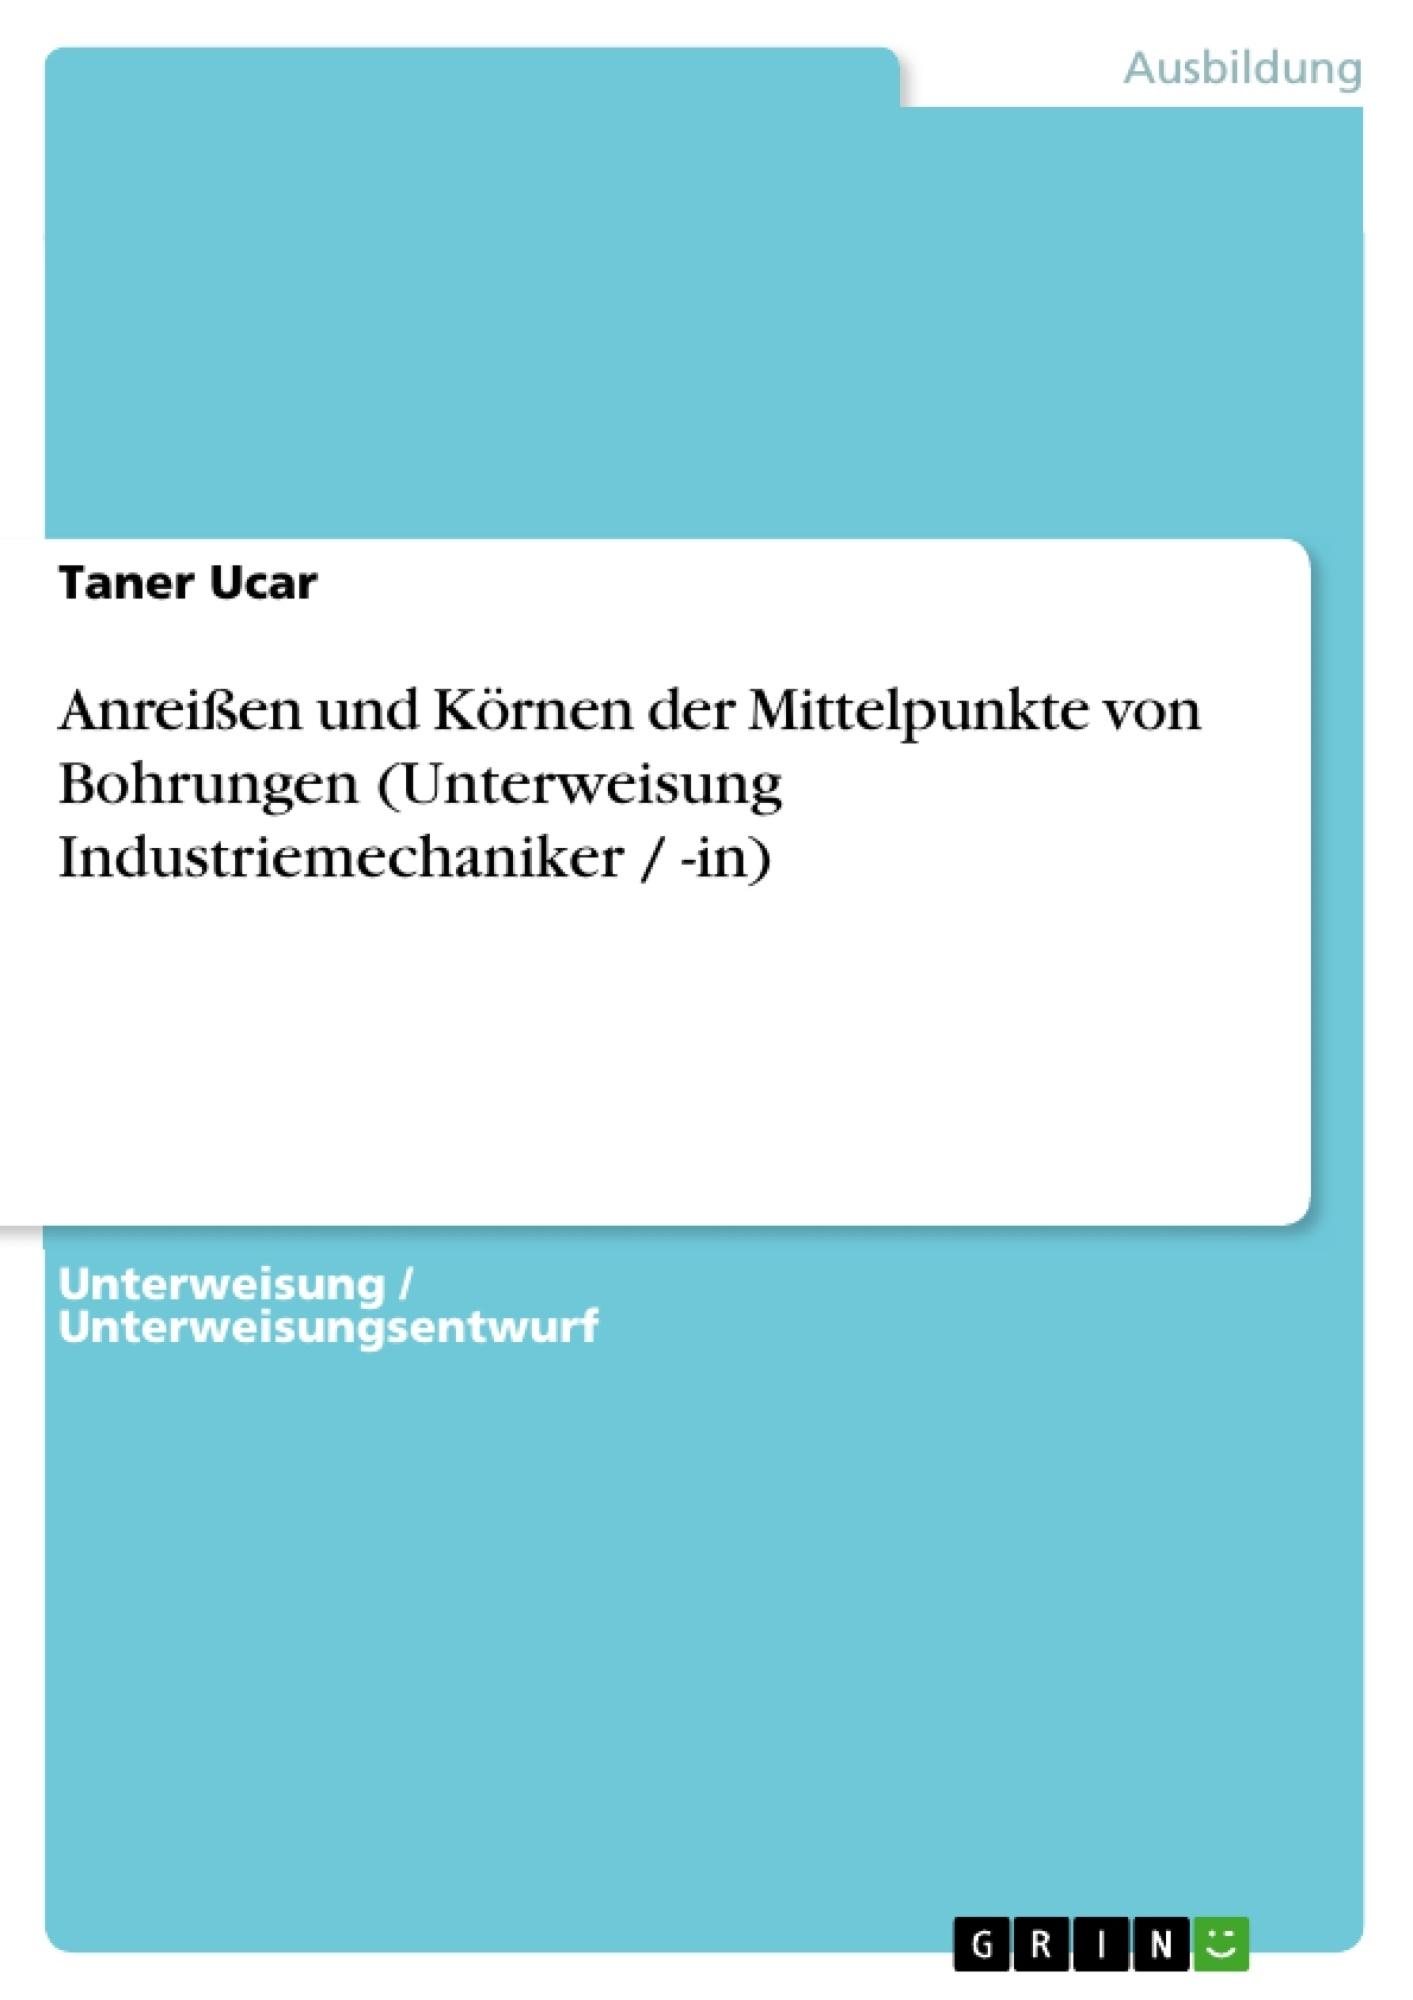 Titel: Anreißen und Körnen der Mittelpunkte von Bohrungen (Unterweisung Industriemechaniker / -in)